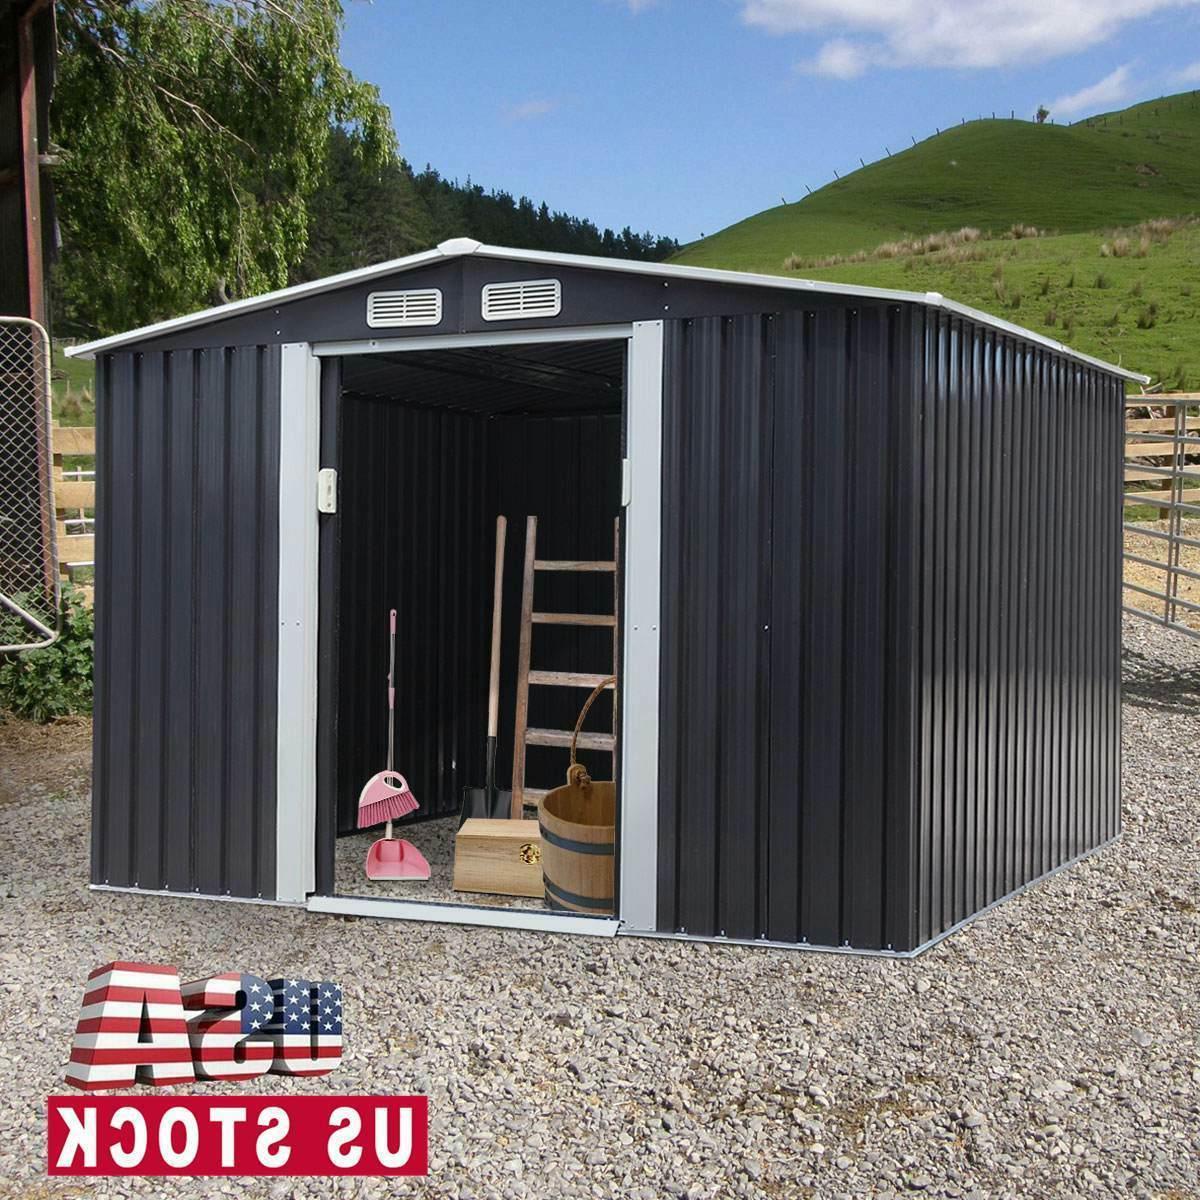 8 x 8 ft outdoor garden storage